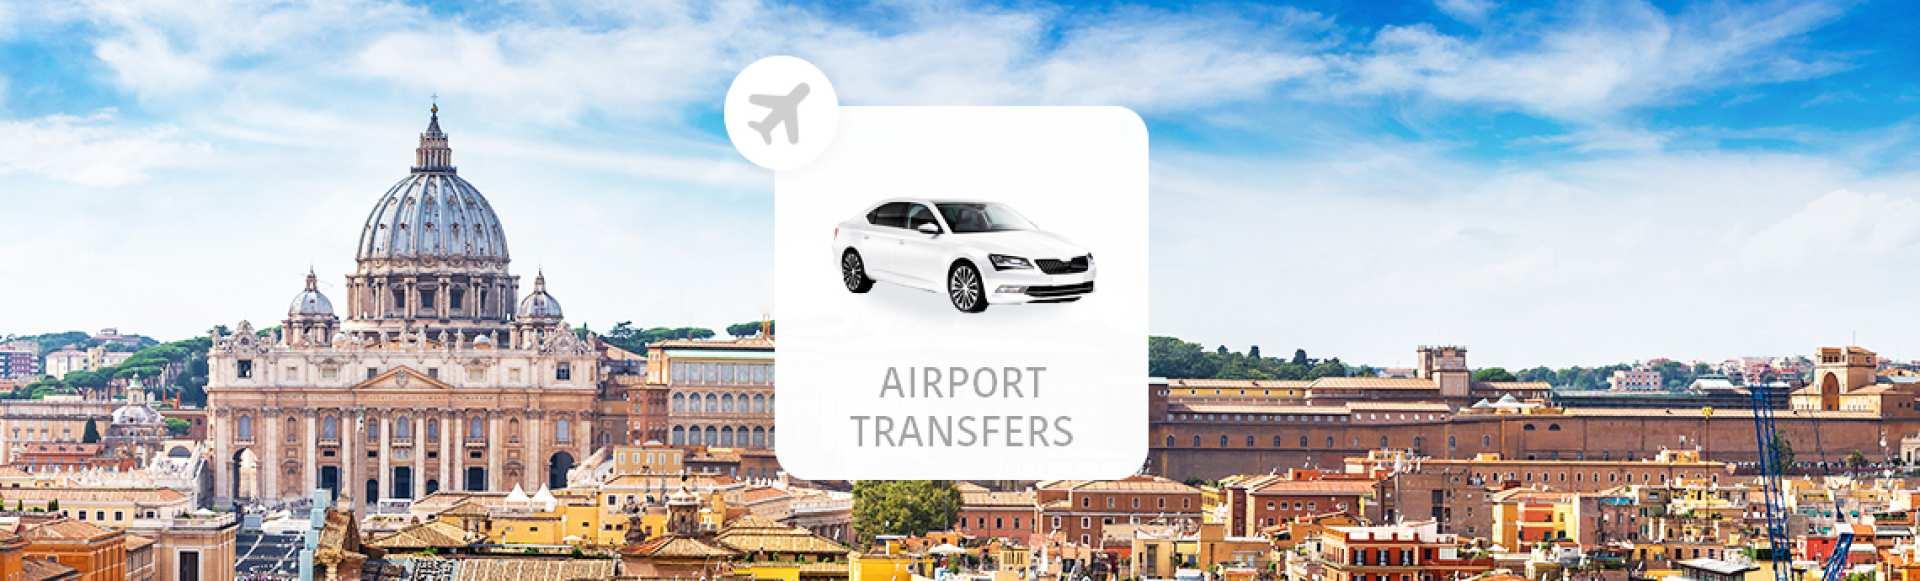 【羅馬機場接送】達文西機場(FCO)往返羅馬市區(含接機舉牌服務)